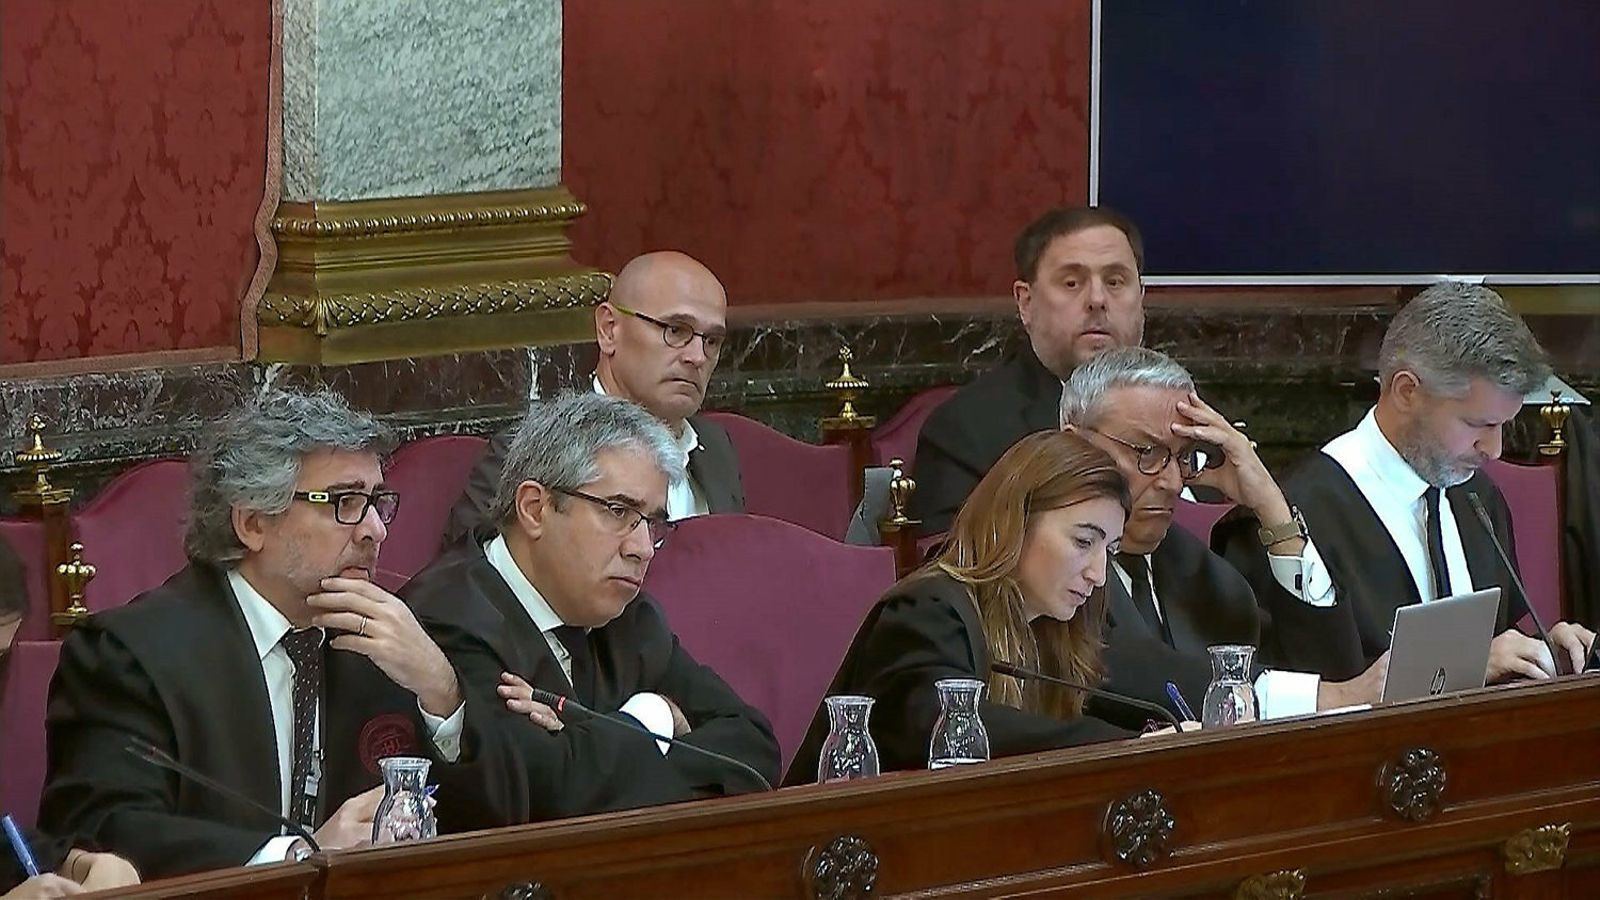 Els advocats Adreu Van den Eynde, Xavier Melero i Judit Gené amb Oriol Junqueras en segon pla al Suprem.